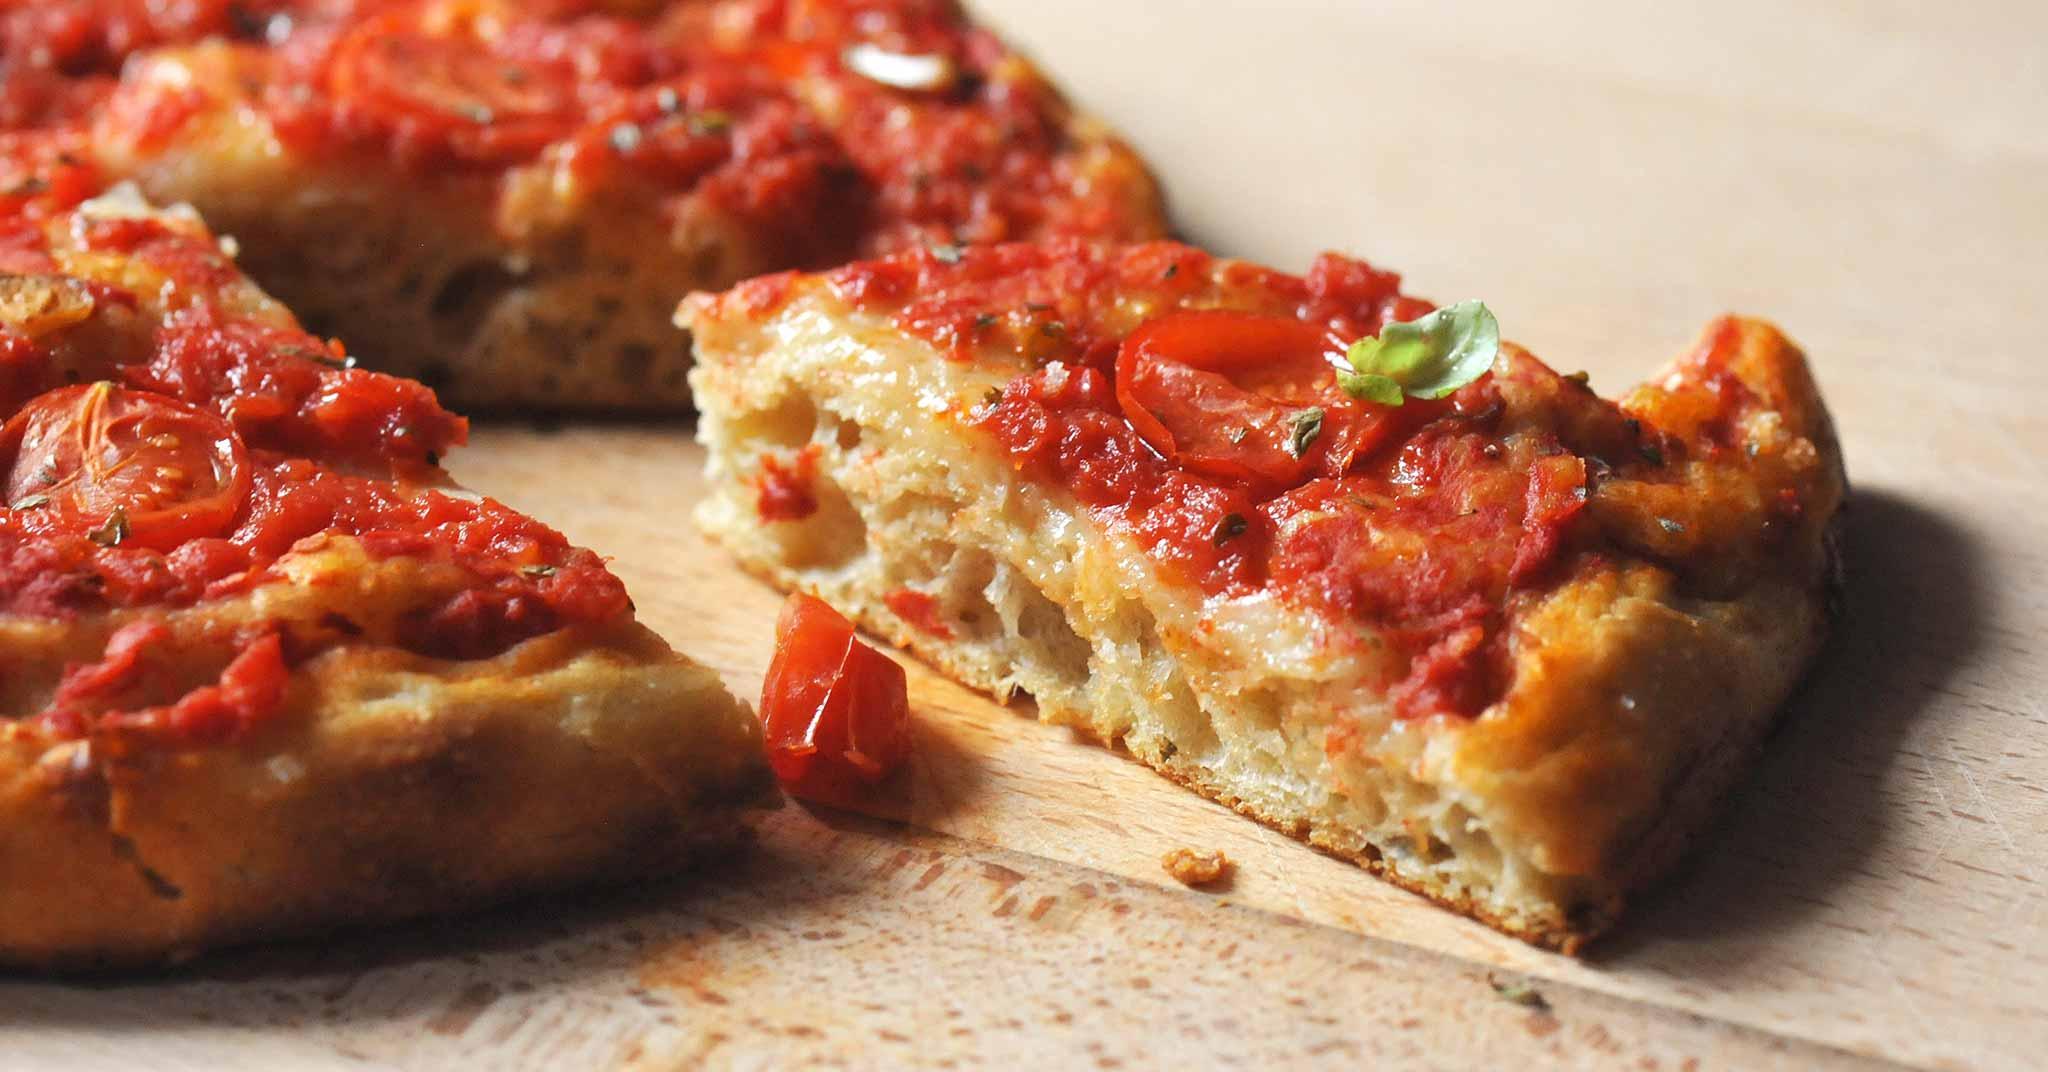 Ricetta Pizza Napoletana Teglia.Lezioni Di Pizza Teglia E Ruoto Con La Ricetta Di Salvatore Lioniello